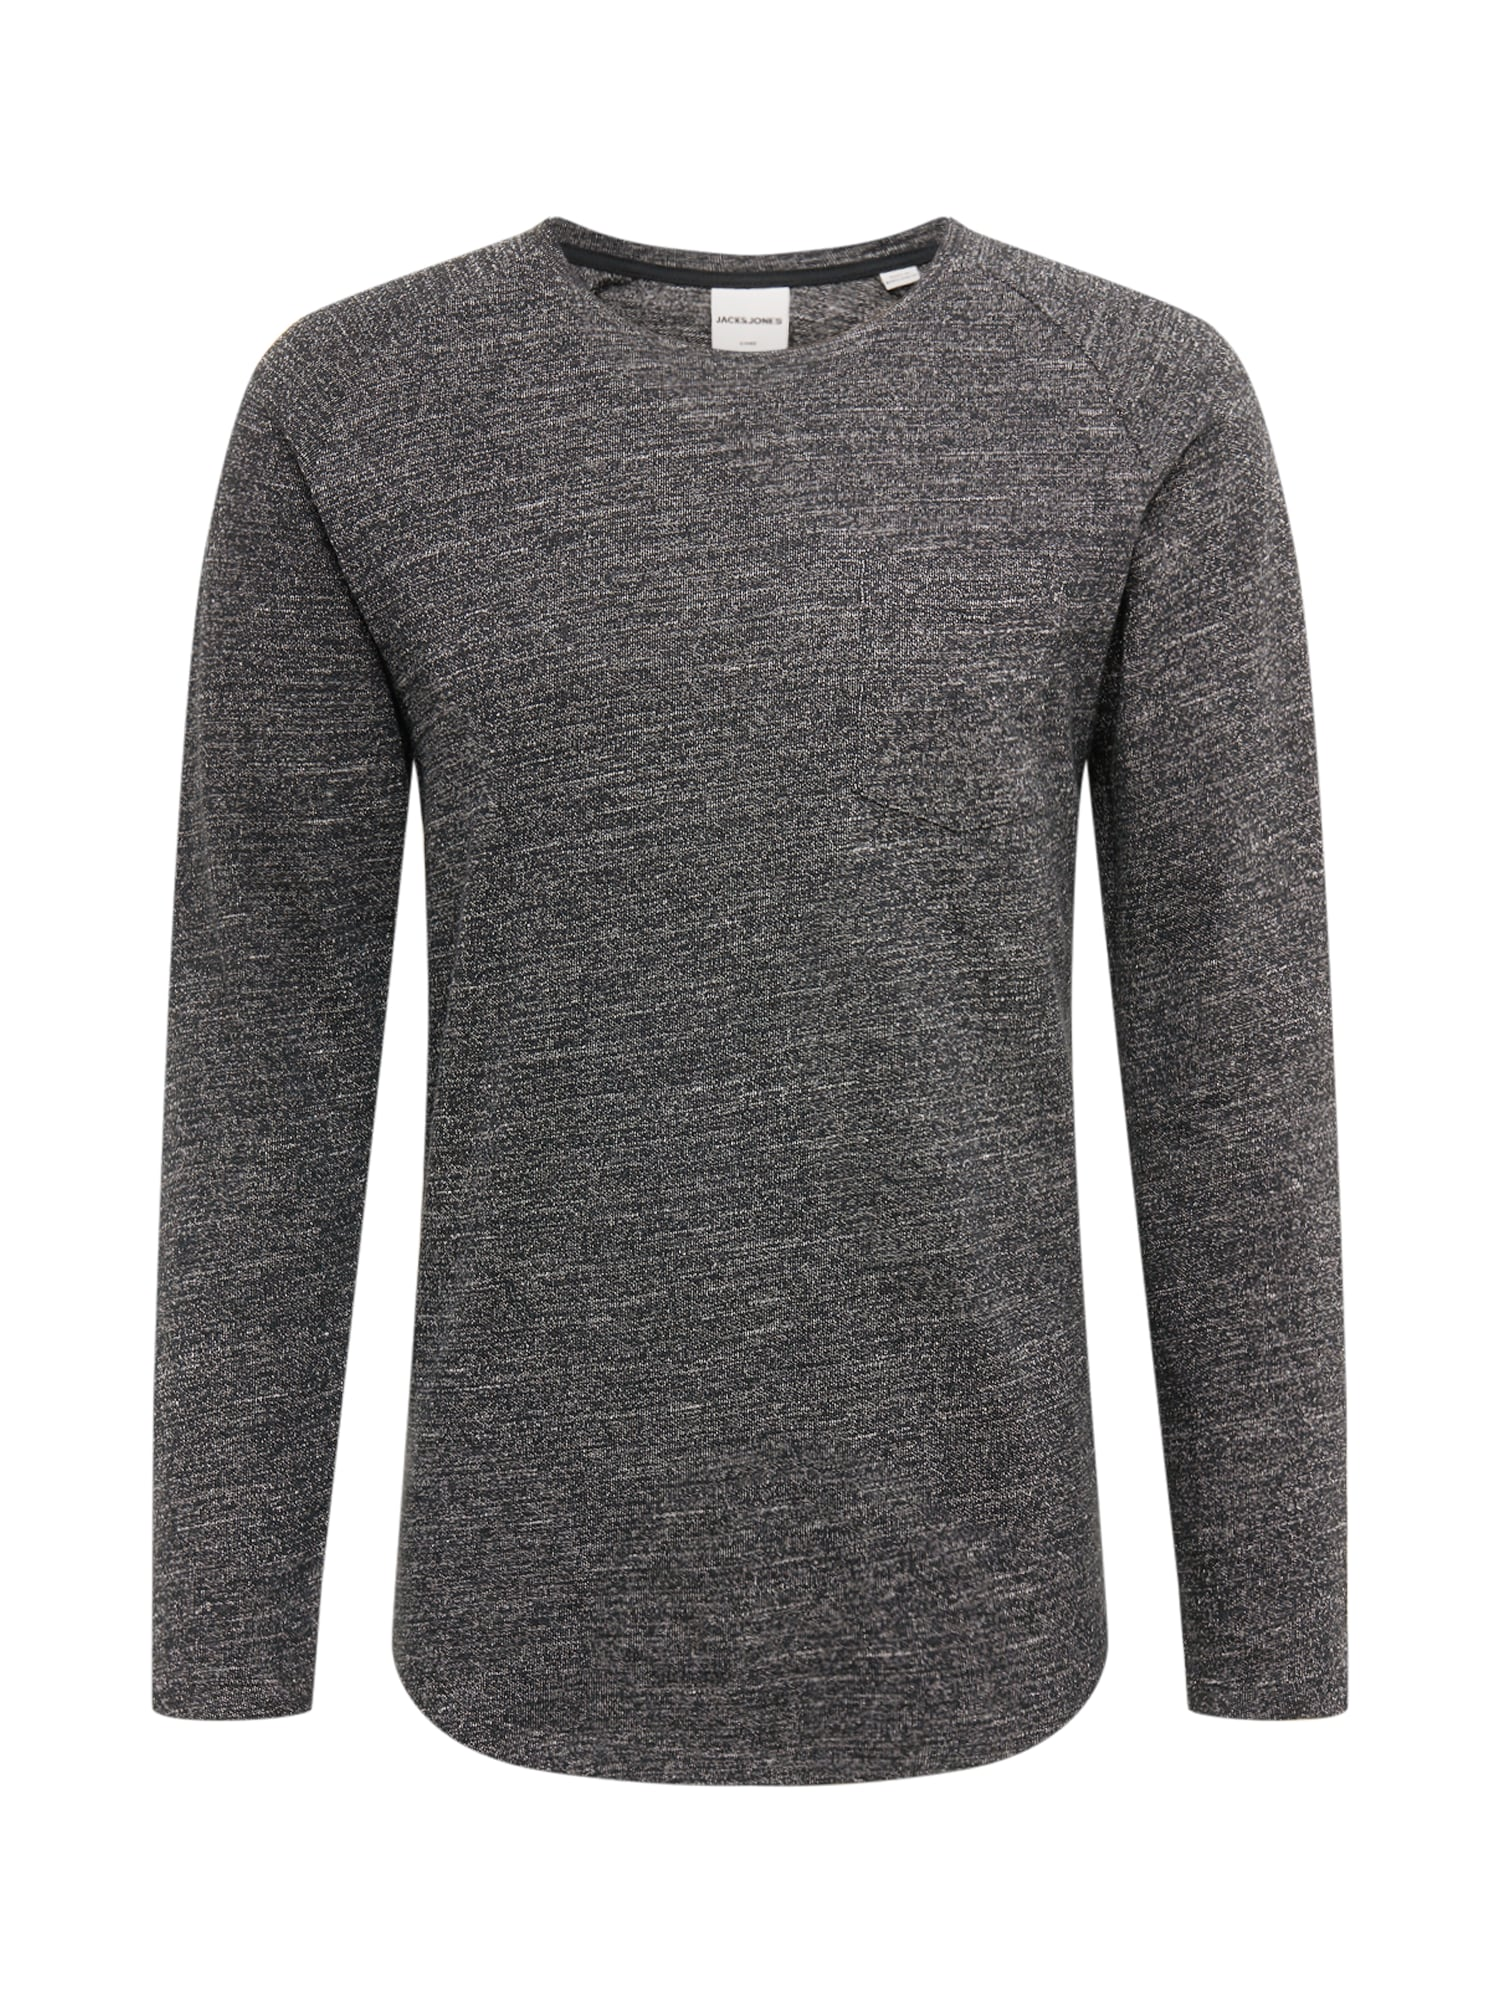 JACK & JONES Marškinėliai margai juoda